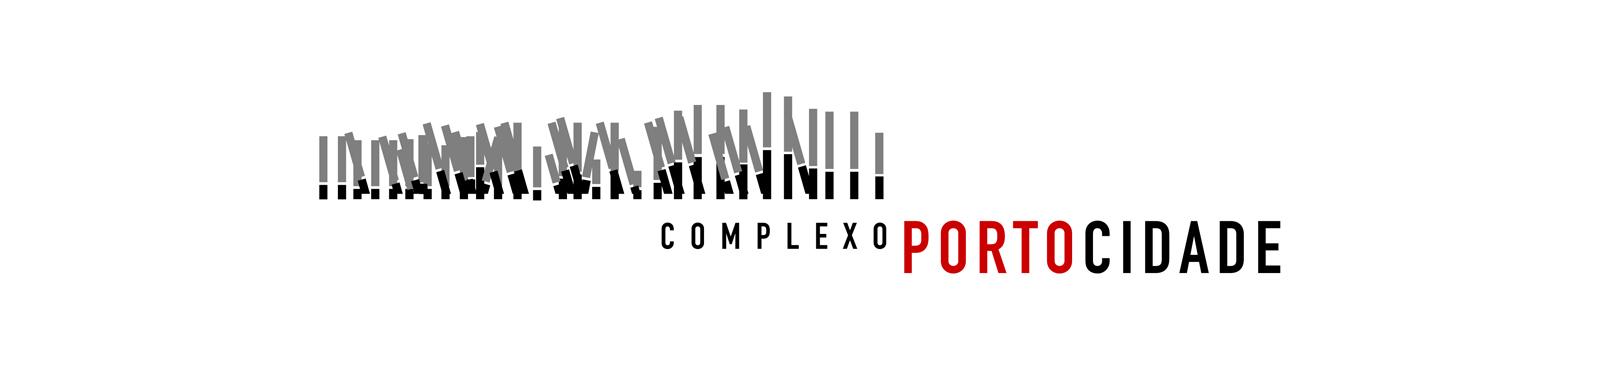 01_complexomaior copy.jpg